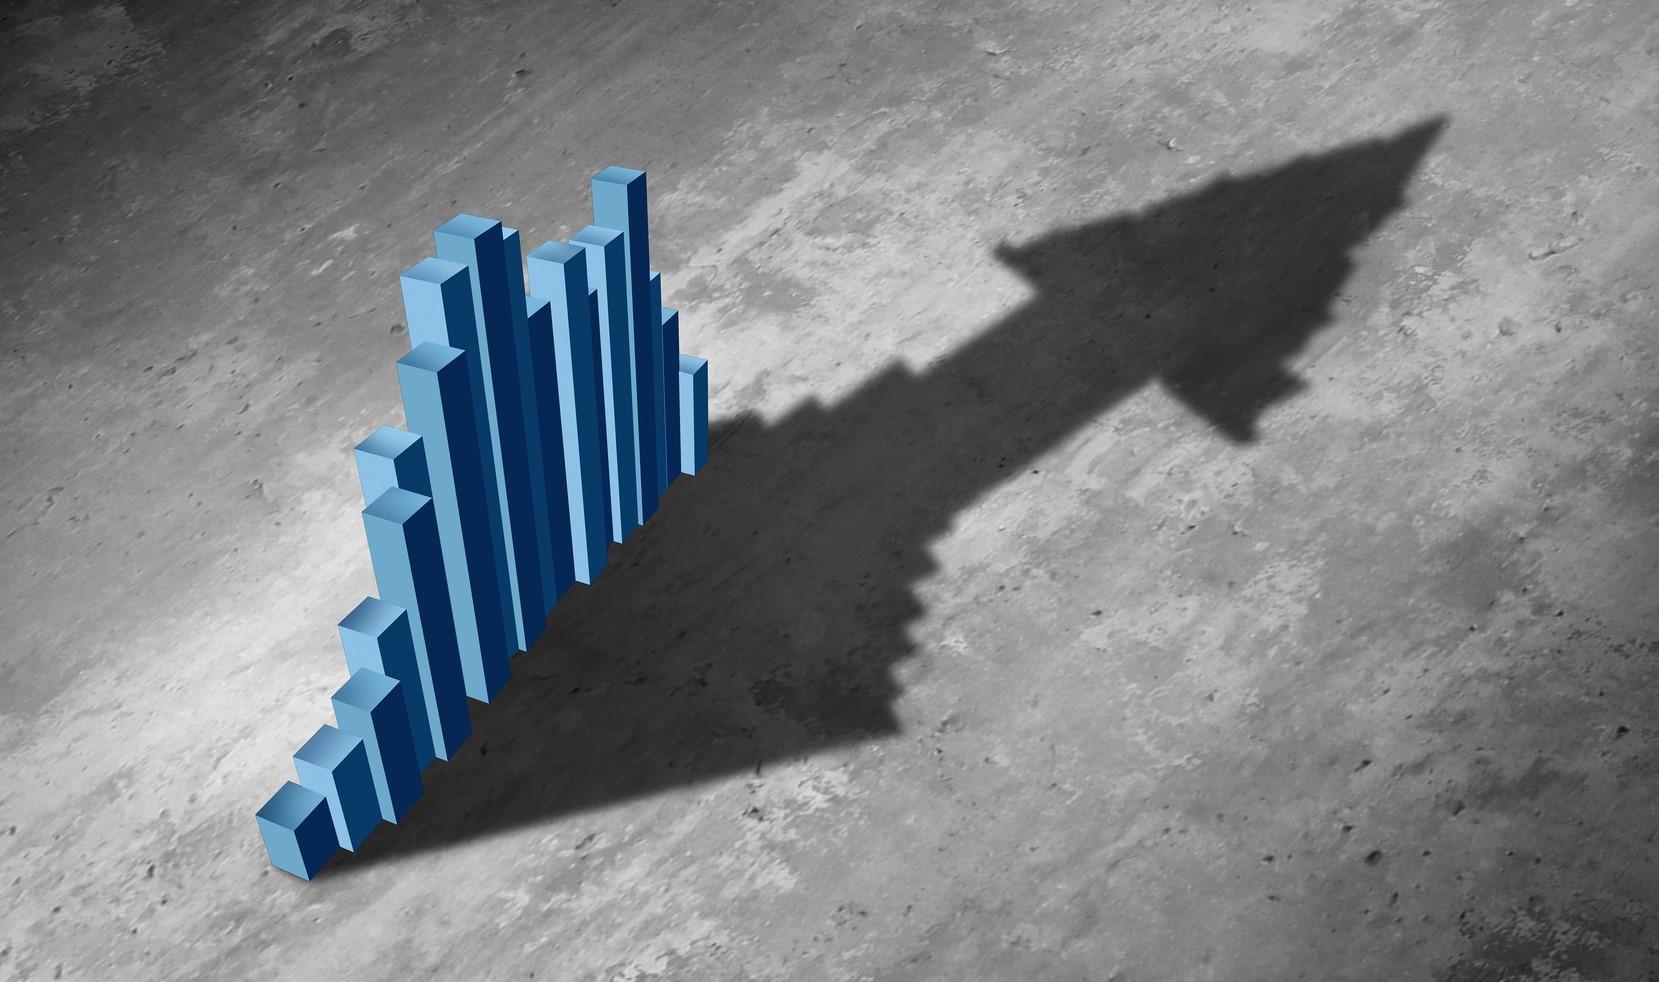 Staufen AG: Peste 50% dintre companii nu vor reveni la activitatea normală înainte de finalul anului